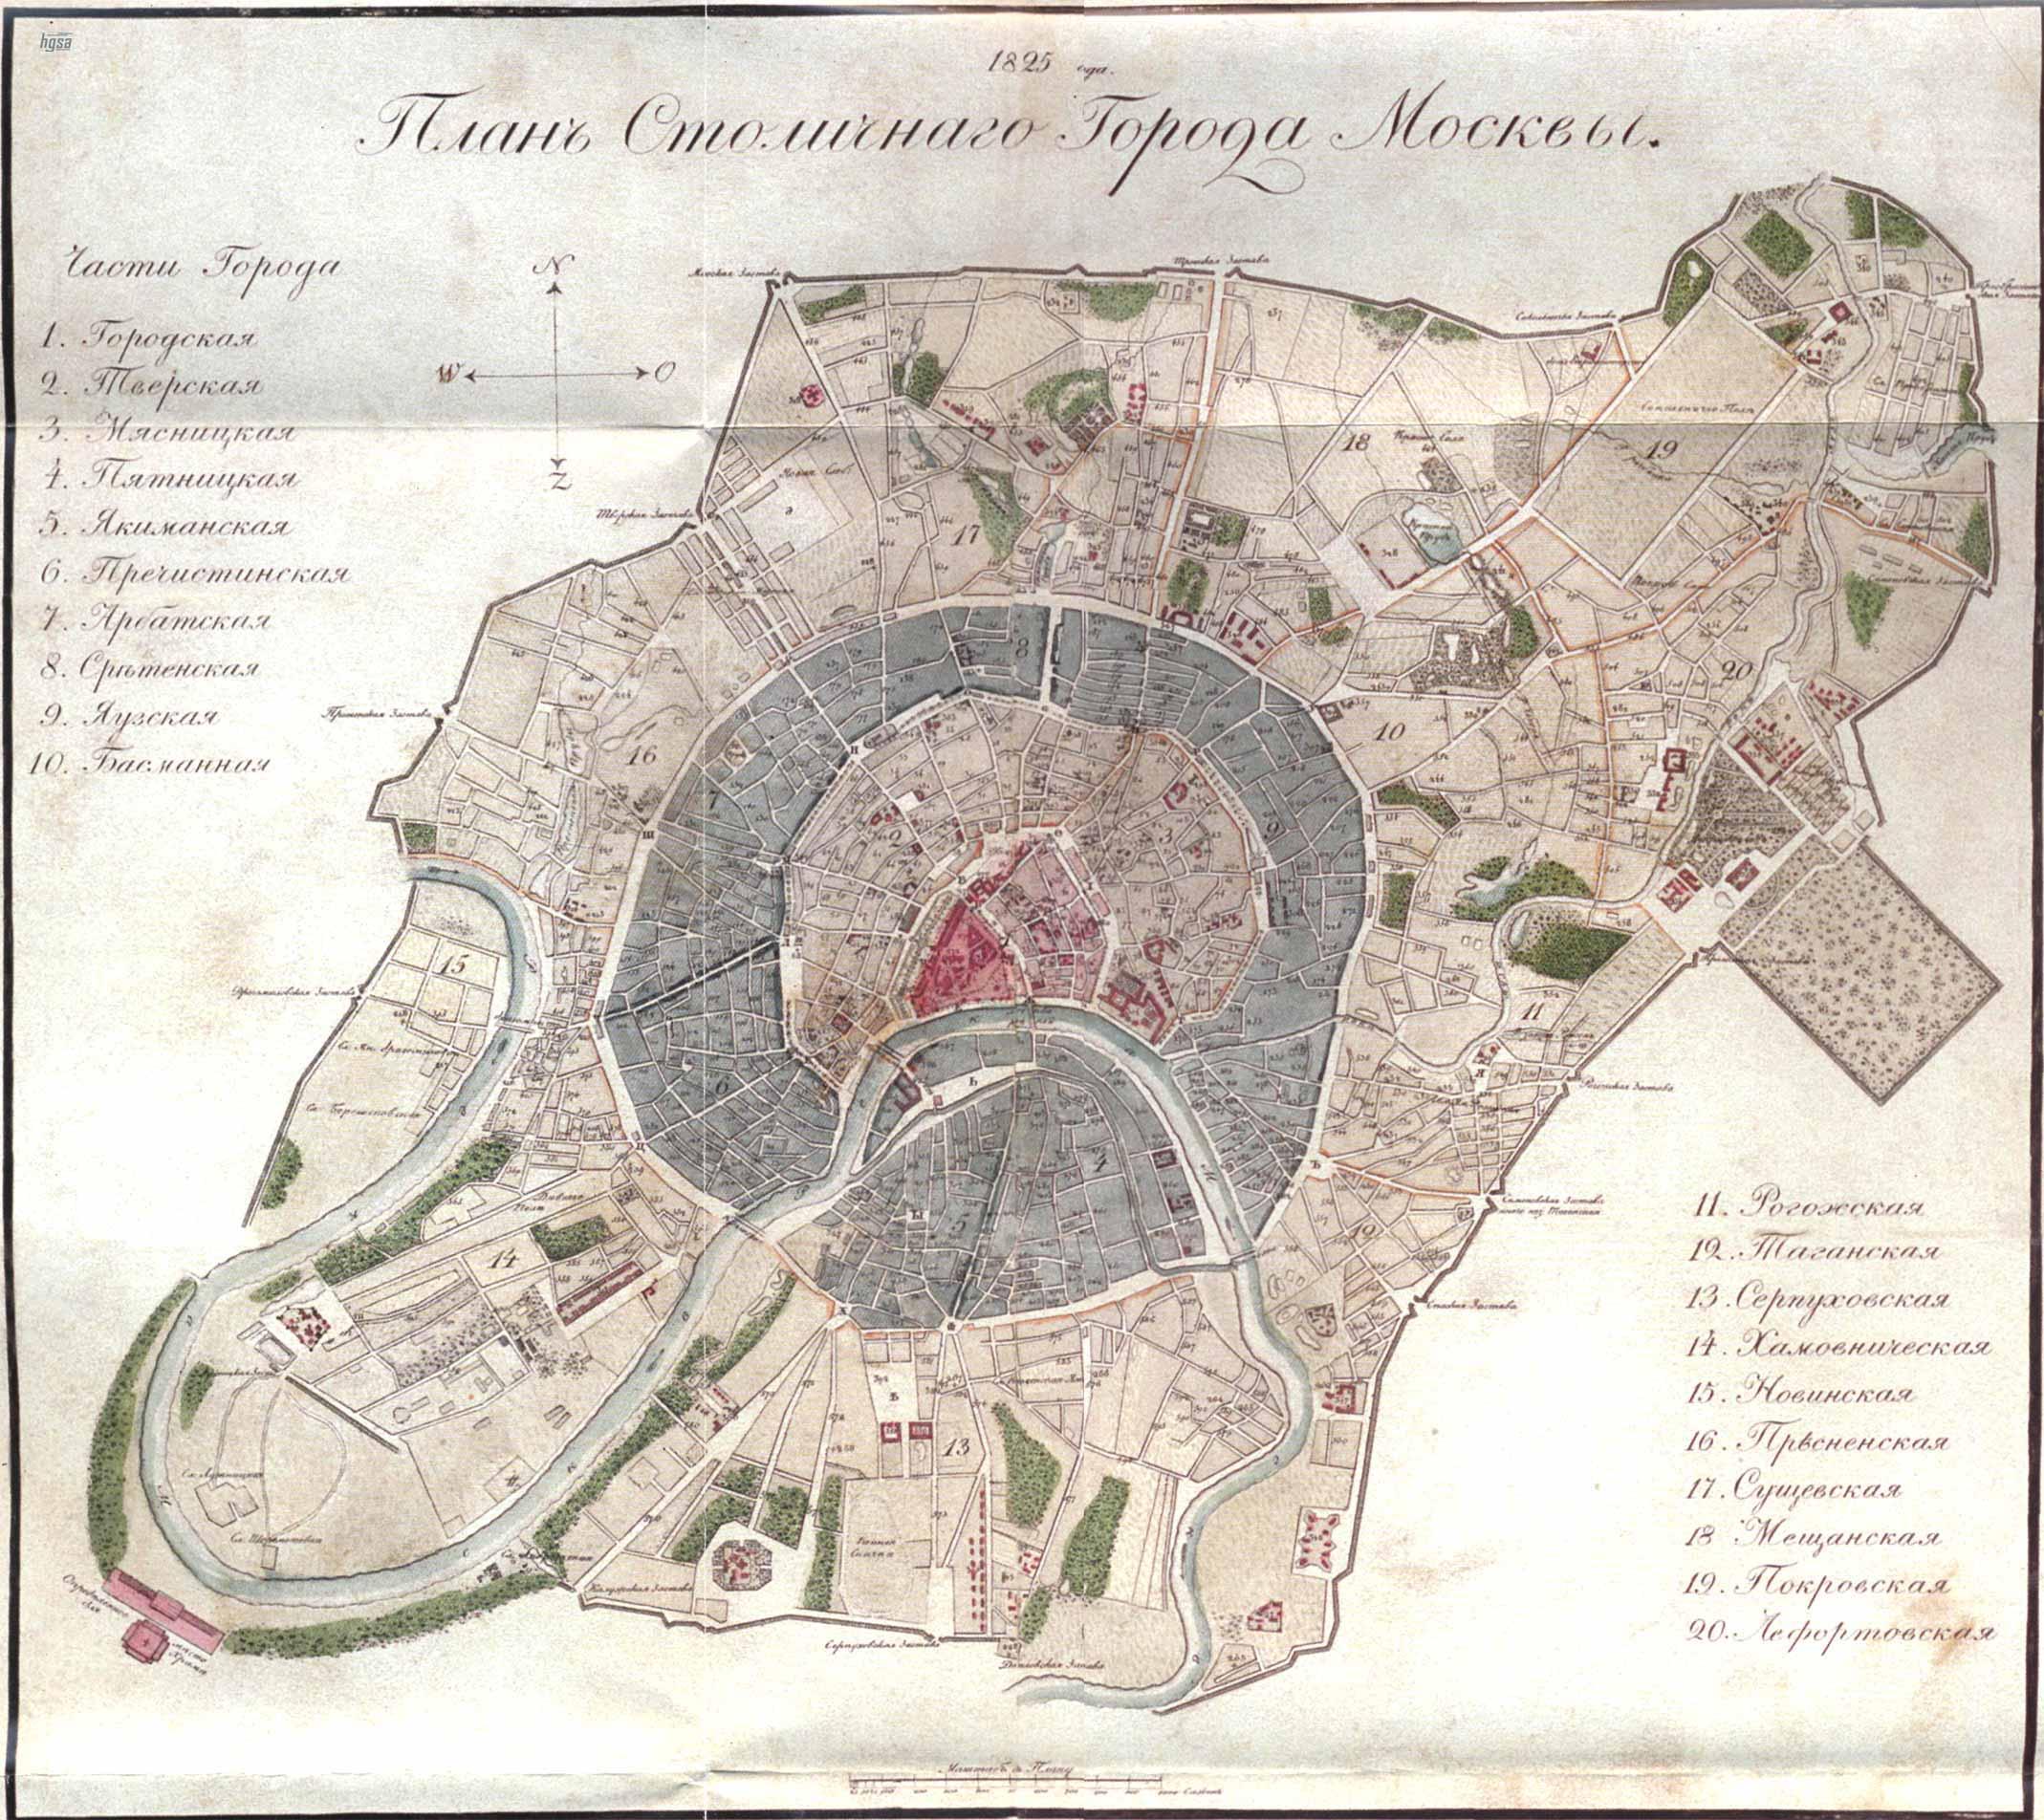 Старинная карта Москвы, 1825 год